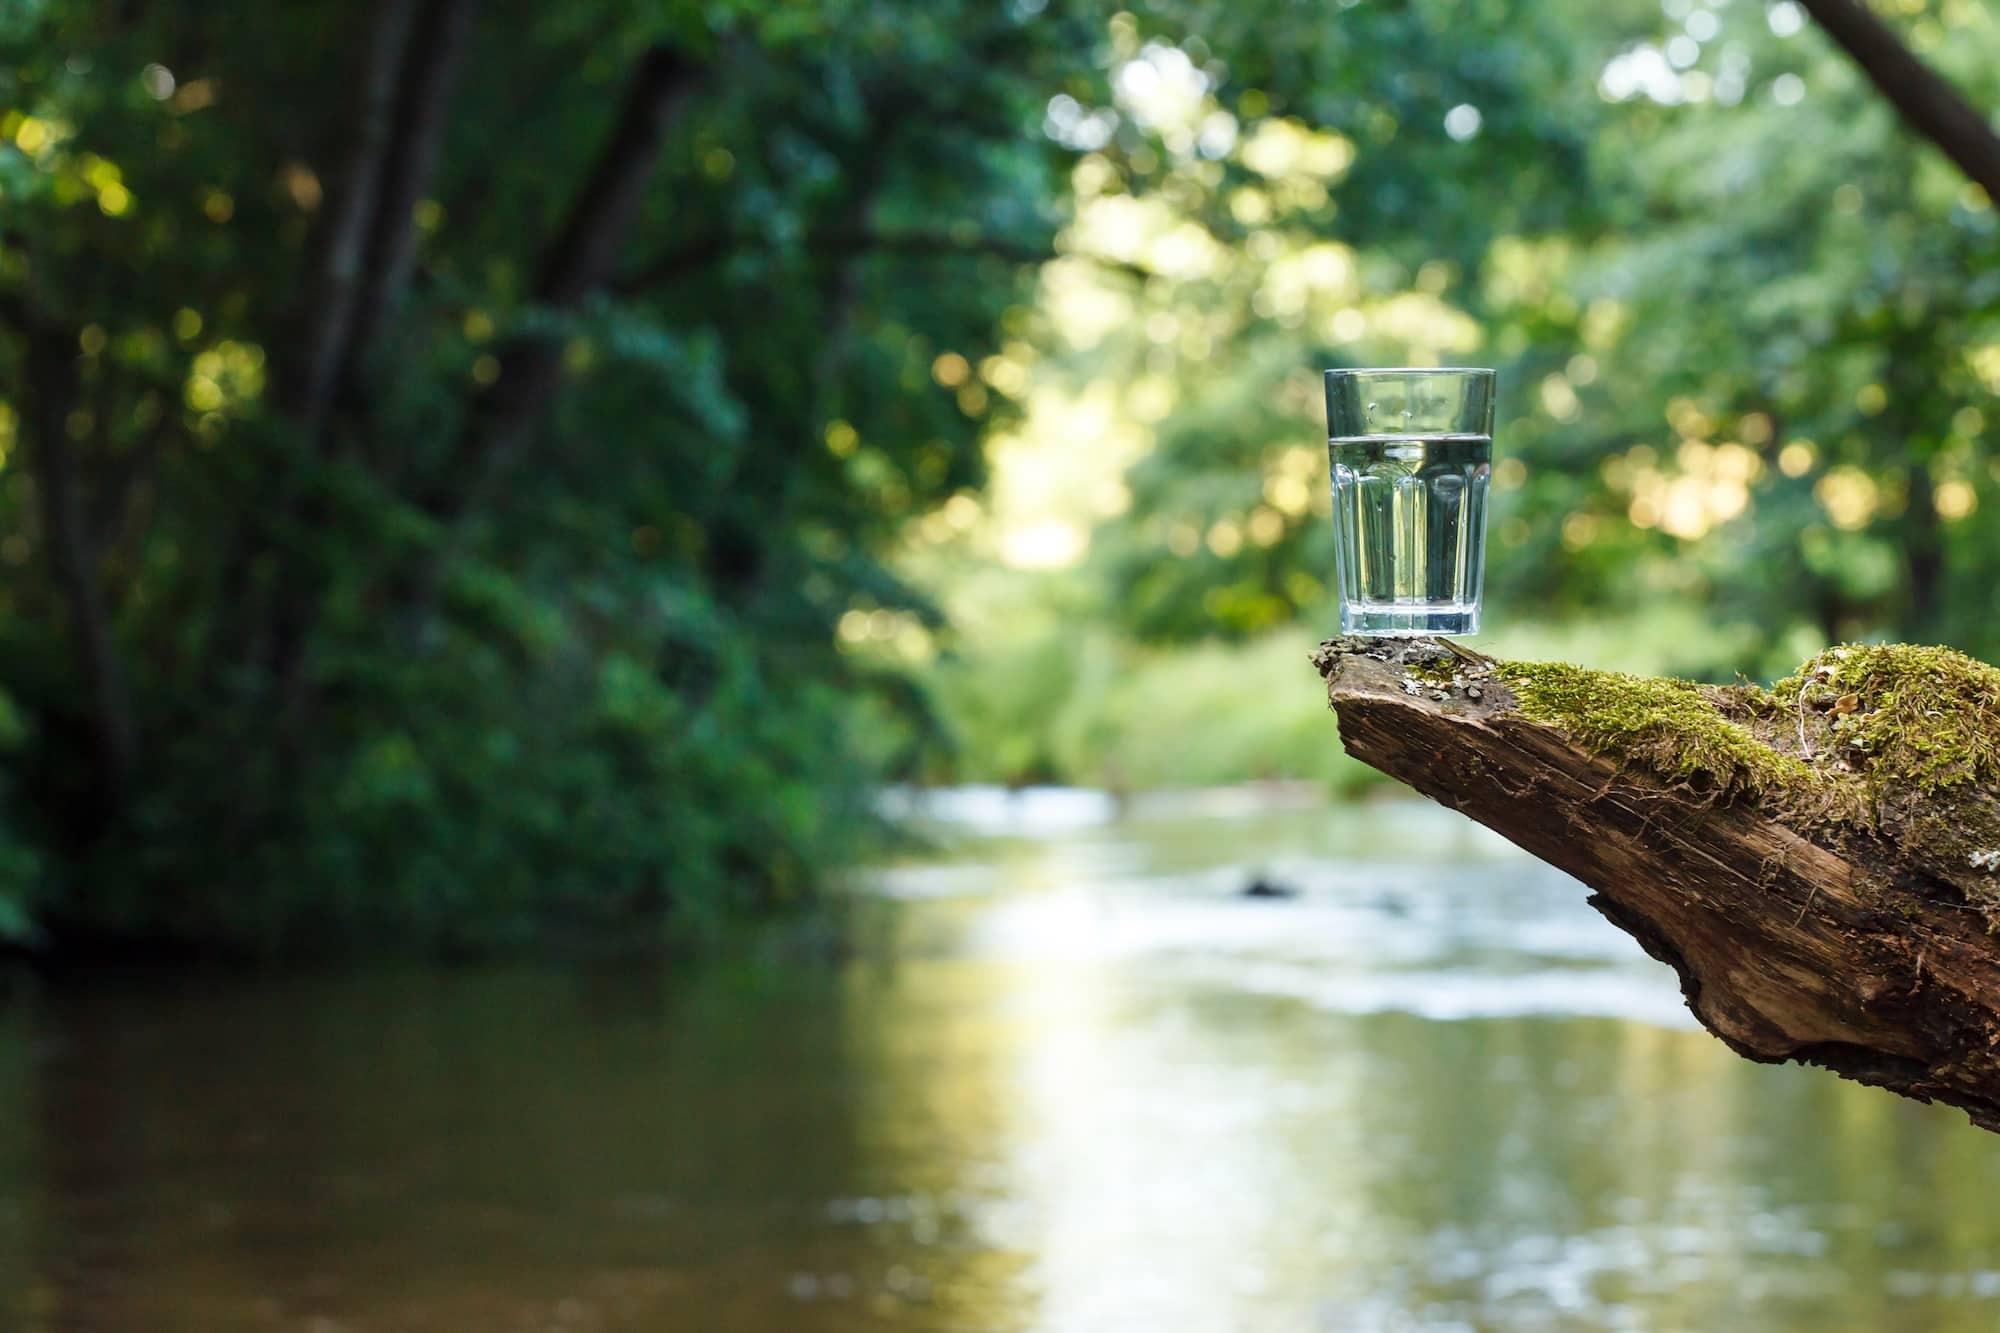 jeune buchinger verre eau cure detox 2000px 1 - Accueil